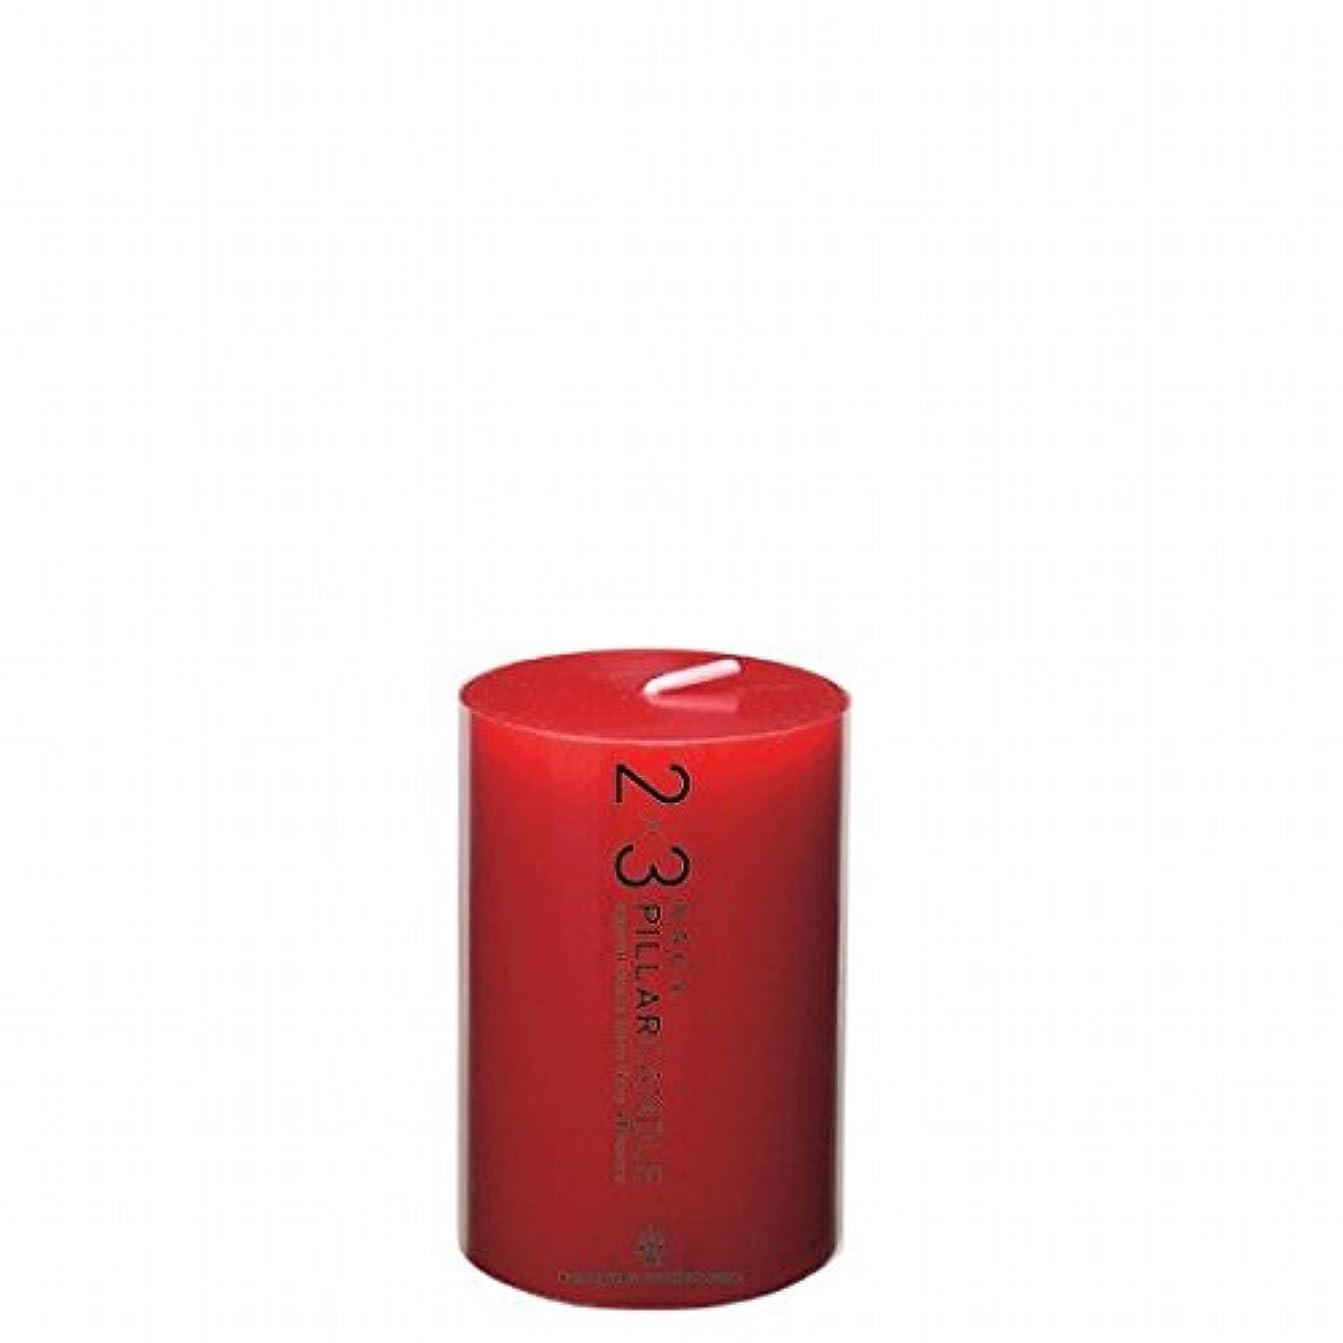 アソシエイト検索エンジン最適化変更可能カメヤマキャンドル( kameyama candle ) 2×3ピラーキャンドル 「 レッド 」